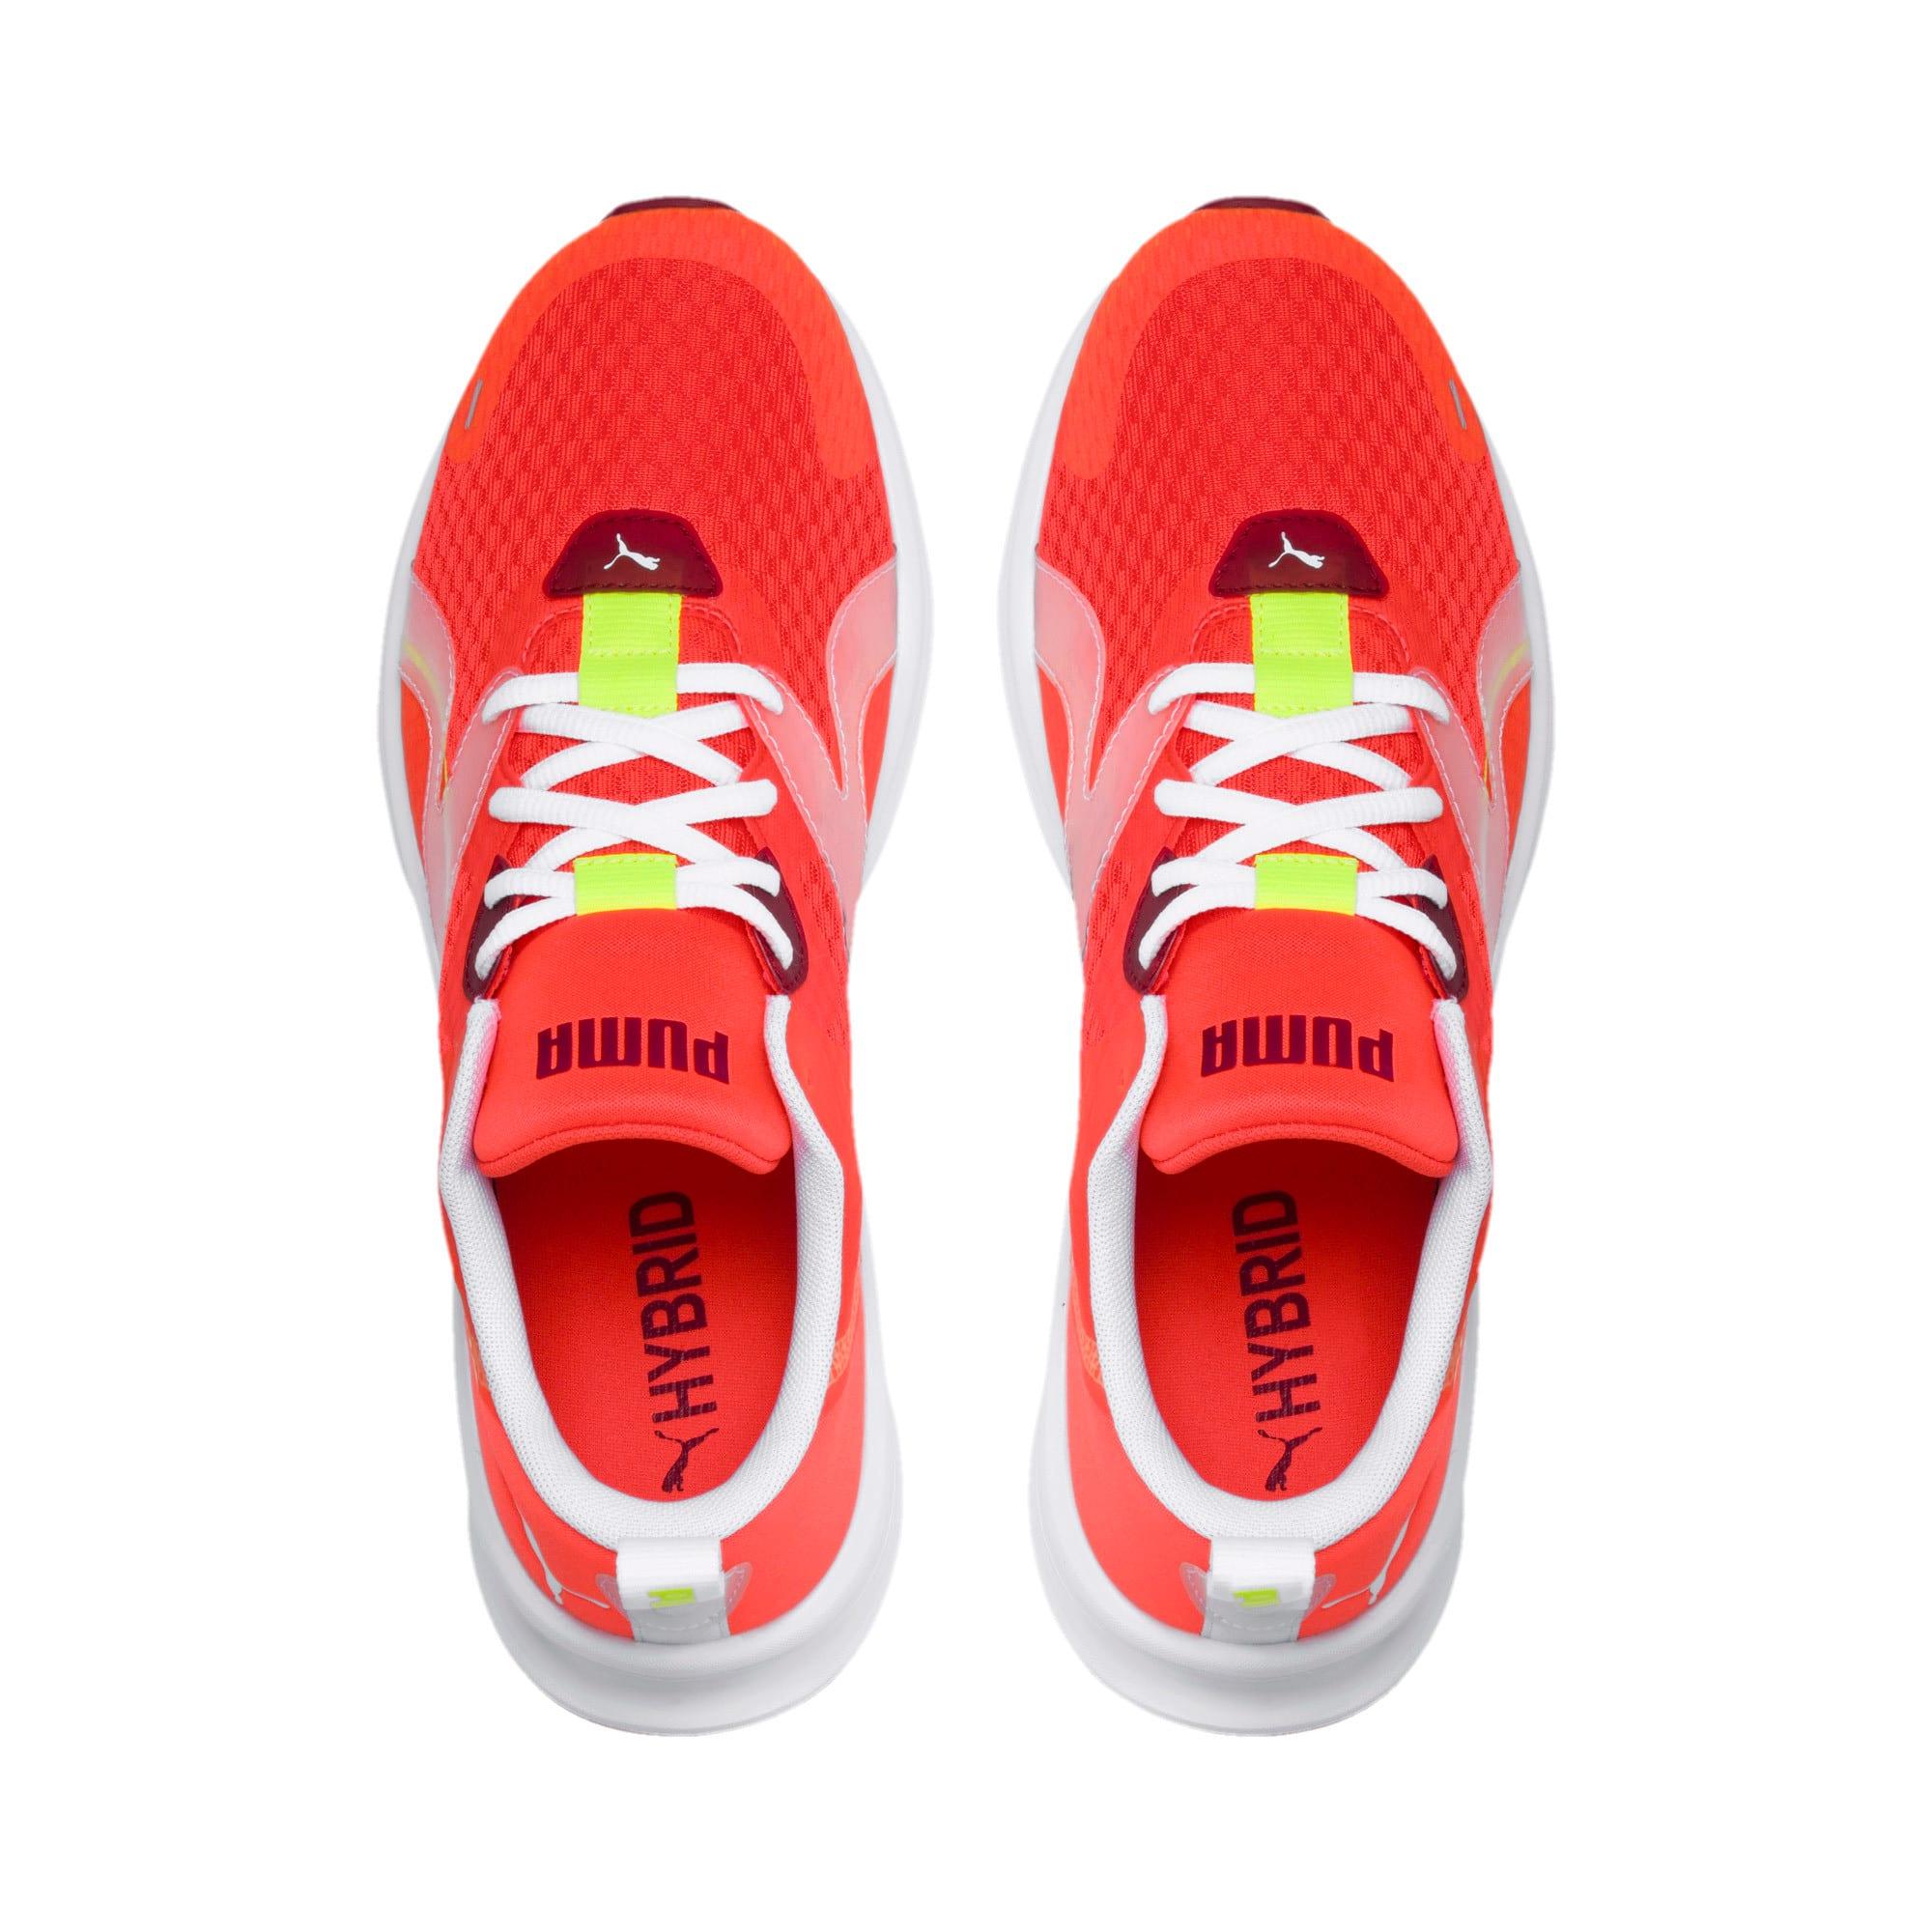 Imagen en miniatura 6 de Zapatillas de running de hombre HYBRID Fuego, Nrgy Red-Rhubarb, mediana